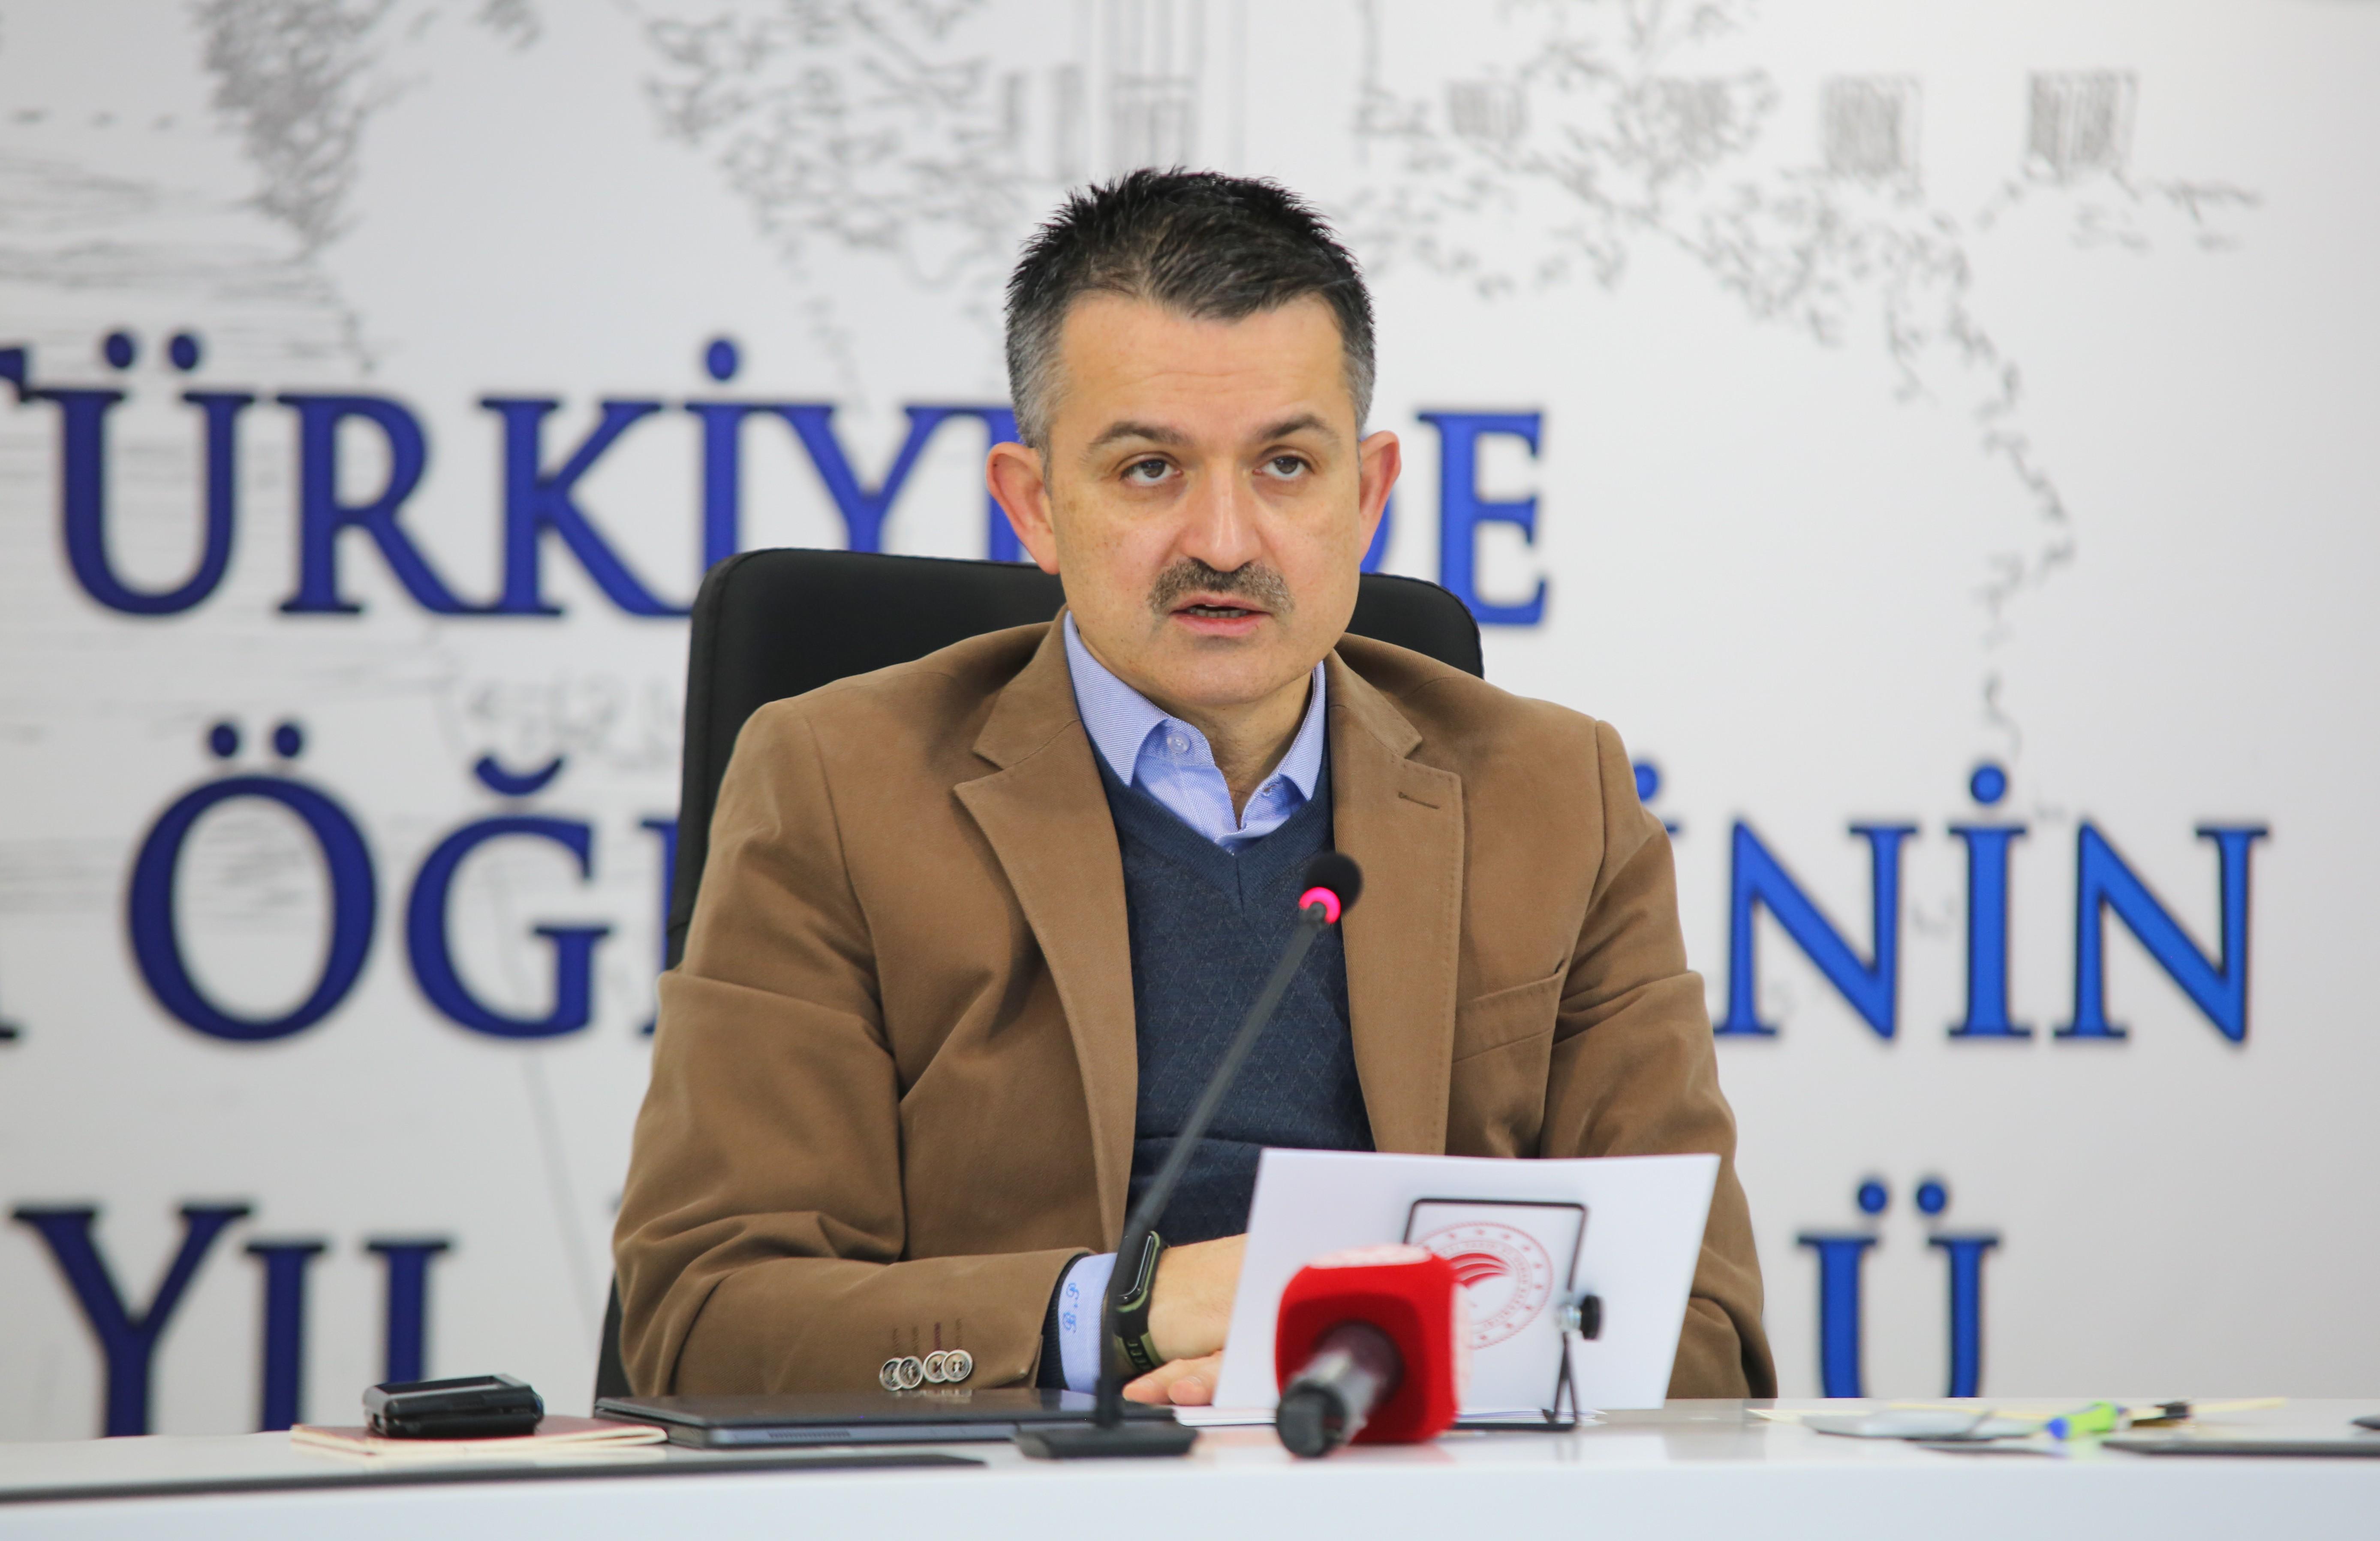 """<p>Tarım ve Orman Bakanı Bekir Pakdemirli, """"Bir şeyi itiraf etmemiz gerekiyor ki, hâlihazırda sahip olduklarımızla bir süre daha idare edebilir, iyi gidebiliriz. Ancak geleceği öngöremezsek, tedbirli ve planlı hareket etmezsek ne kendimize ne de dünyamıza yetemeyeceğiz"""" dedi.</p> <p></p> <p>Ankara Üniversitesi Ziraat Fakültesi tarafından çevrim içi gerçekleştirilen Türkiye'de tarım öğretiminin 175. yıldönümü kutlama programına katılan Tarım ve Orman Bakanı Bekir Pakdemirli, konuşmasının başında Diyarbakır Lice'de teröristlerle çıkan çatışmada şehit olan Jandarma Uzman Çavuş Mehmet Çelik'e rahmet, yaralı askerlere de şifa diledi. Pakdemirli ayrıca, 10 Ocak Çalışan Gazeteciler Günü'nü tebrik etti.</p> <p></p> <p>Türkiye'de futboldan sonra en çok konuşulan konunun tarım olduğunu, tarımdan sonra en çok konuşulan konunun ise eğitim olduğunu söyleyen Bakan Pakdemirli, """"İtiraf etmeliyim ki ben, makul olduğu müddetçe konuşanları da haklı buluyorum. Zira iki hayati şey vardır; karnın doyması, aklın doyması. İşte tam da bu noktada karşımıza tarım eğitimi çıkıyor. Çünkü biliyoruz ki tarım ile bilginin önemini çok iyi kavramış toplumlar daima öndedir, belirleyicidir, tetikleyicidir. Tabii tarım eğitimi, neredeyse insanlık tarihi kadar eski. İnsanı yalnızca tüketen değil, üreten bir varlık konumuna yükselten de yine tarımın kendisi. Binlerce yıldan günümüze kadar şekil değiştirerek devam eden tarımsal üretim, bugün dünyada en önemli ticari sektör, en önemli üretim ve istihdam dalı olmuştur. Artık bütün dünya ülkeleri tarımsal üretime, üretim kaynaklarına bir başka önem veriyor. Çünkü tarımsal üretimin temel amacı olan gıda üretimi, dünyada stratejik sektör olma özelliğini her geçen gün daha da artırıyor. Hatırlarsınız, bundan 40-50 yıl kadar önce, az gelişmiş ülkeler, tarım ülkesi olarak nitelendirildi. Gelişmişlik düzeyini belirleyen ise, tarımdan çok sanayi ve teknolojiydi. Bugün görüyoruz ki tarım; ekonominin ve sanayinin ham maddesi. Bugün tarım; ekolojinin, biyolojinin, ikt"""